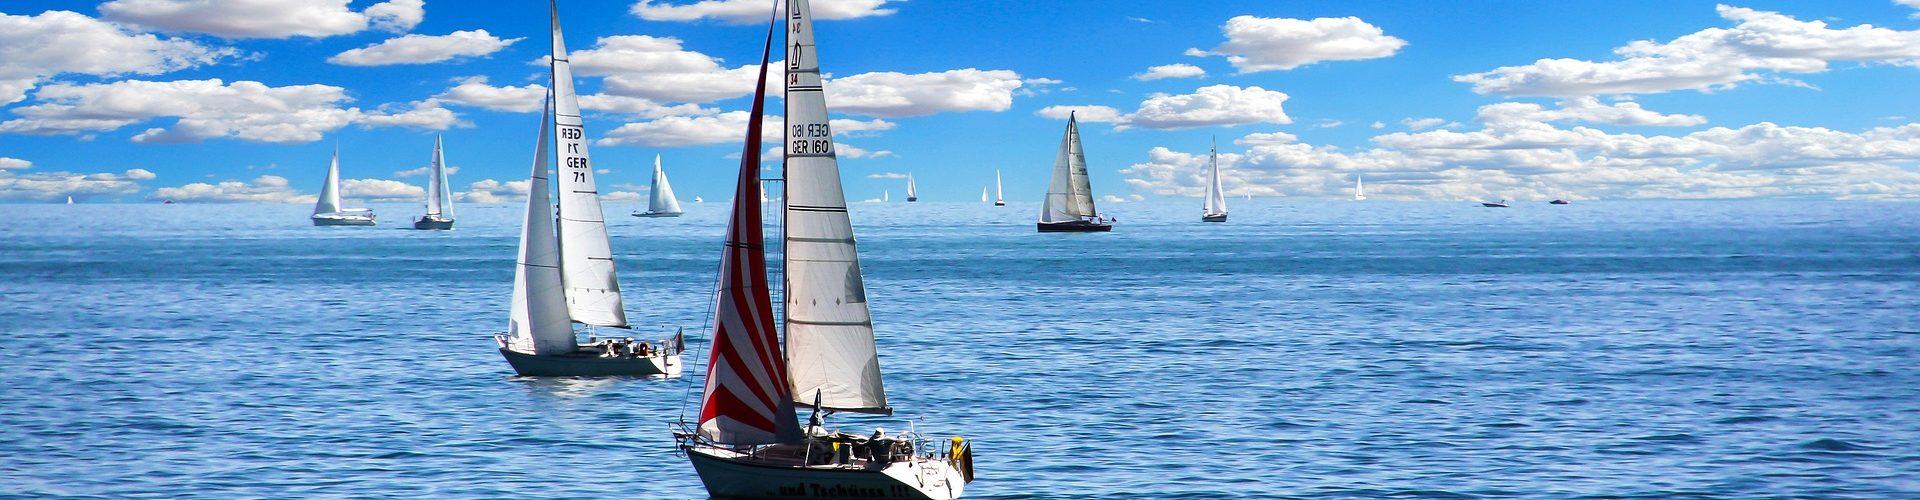 segeln lernen in Dannenberg Elbe Tramm segelschein machen in Dannenberg Elbe Tramm 1920x500 - Segeln lernen in Dannenberg (Elbe) Tramm